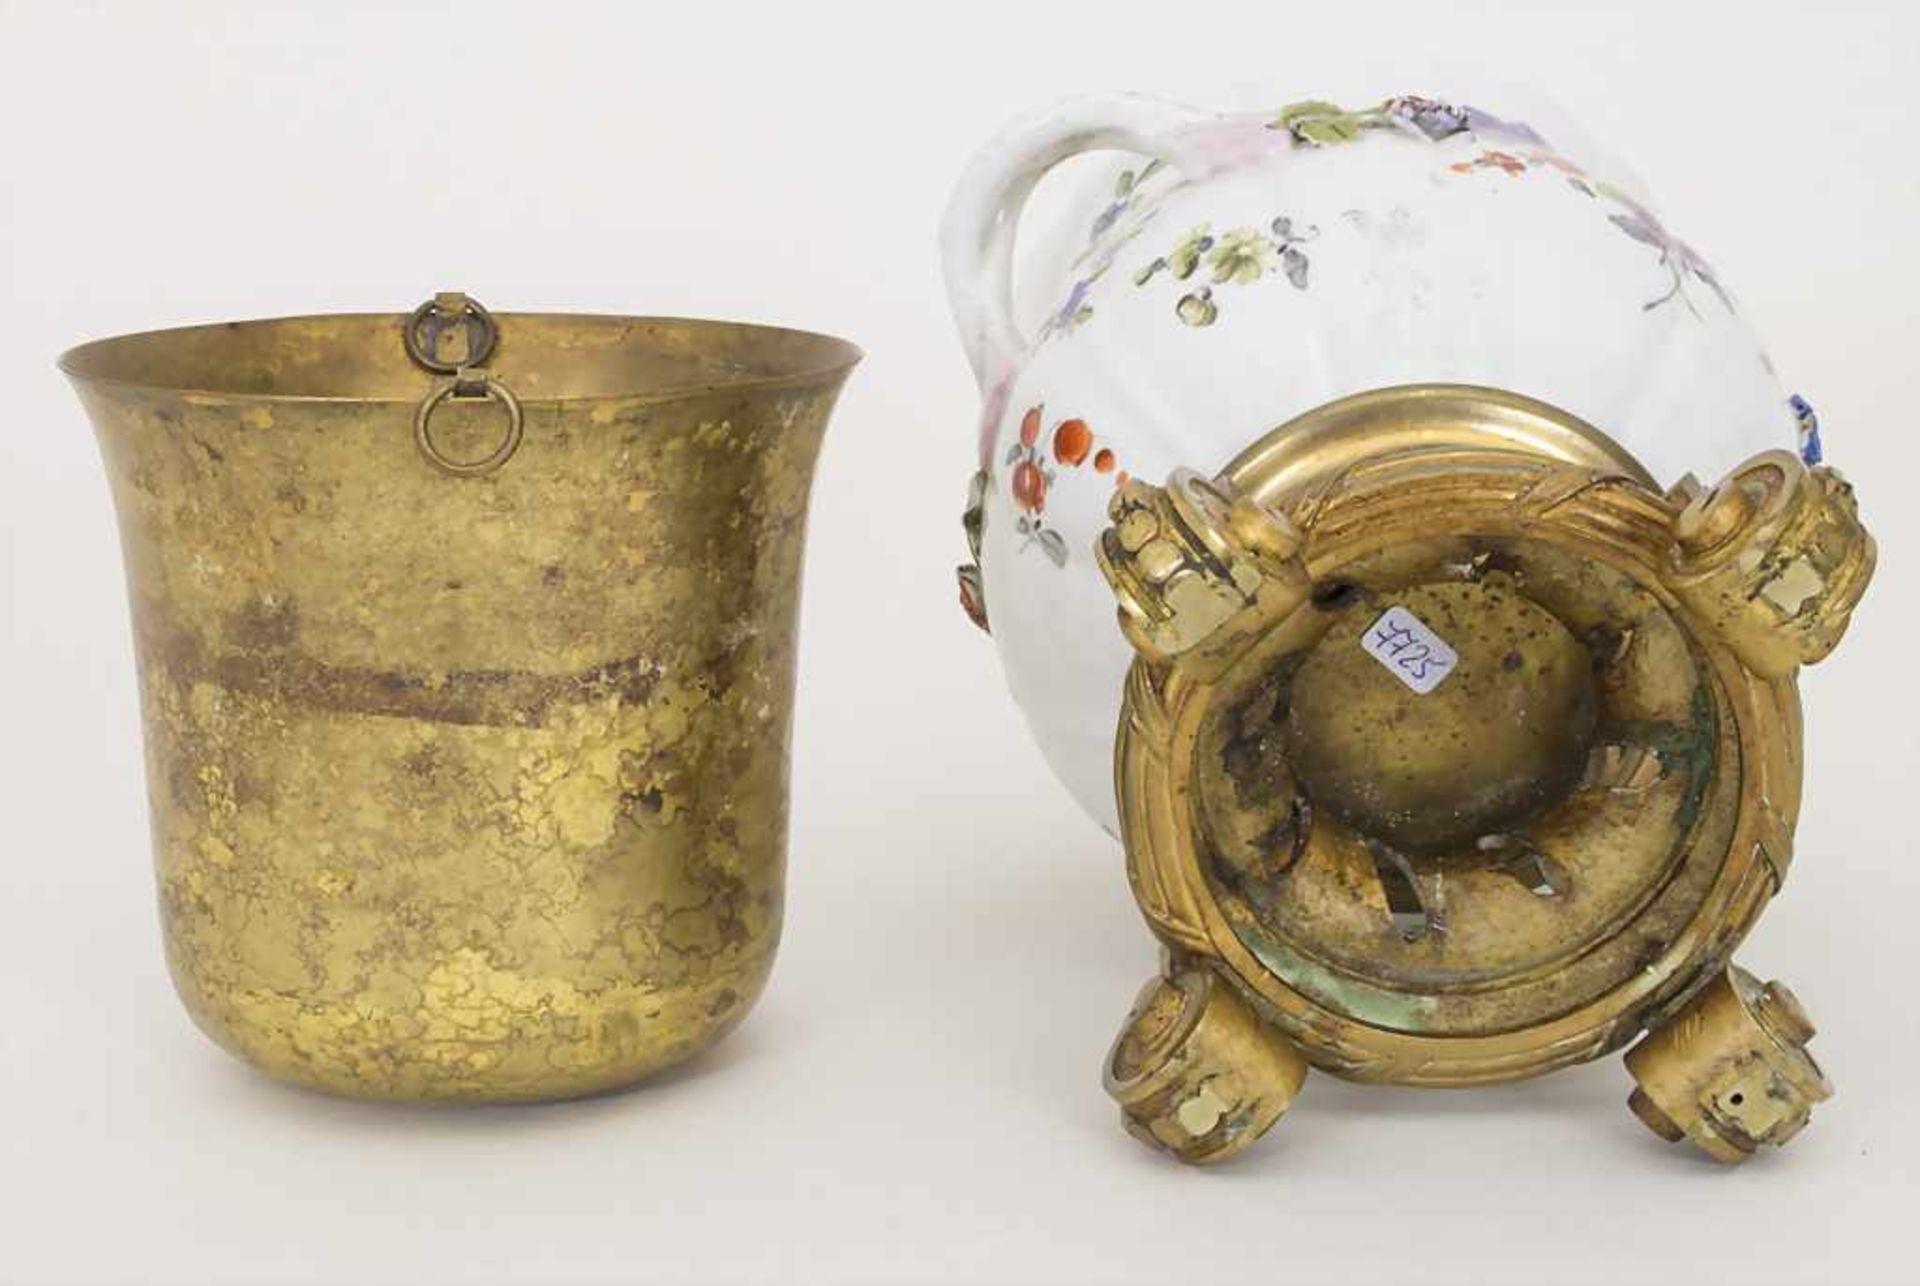 Cachepot mit Bronzemontur und Einsatz / A cachepot with bronze mount and insert, Helena Wolfsohn, - Bild 8 aus 8